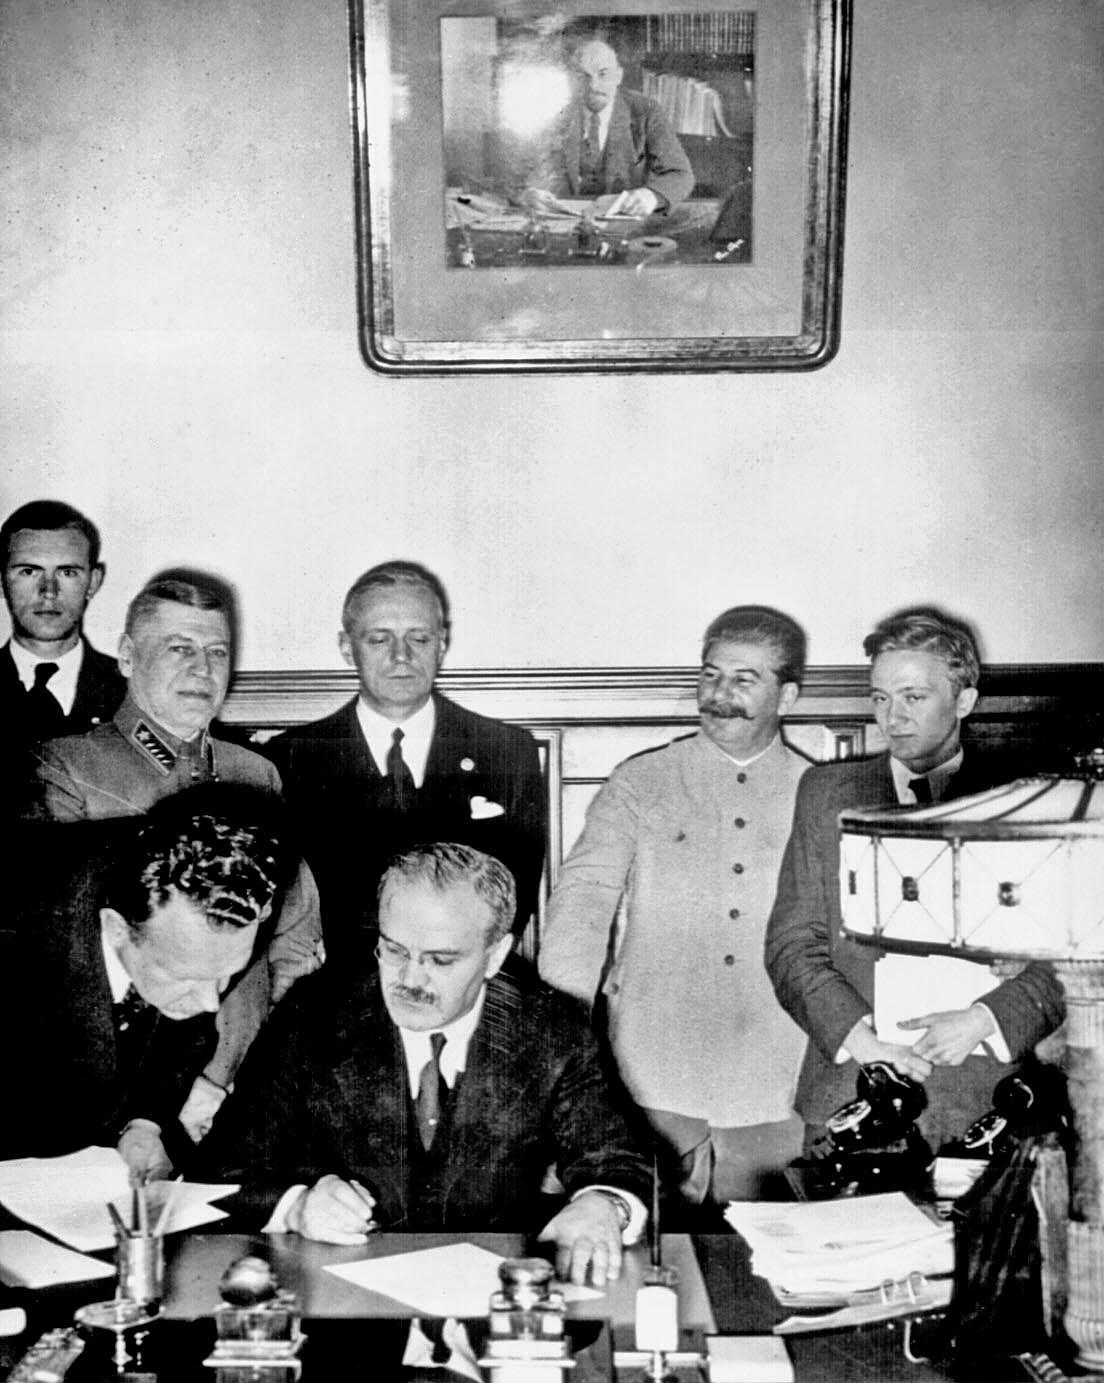 SEMNAREA PACTULUI SECRET MOLOTOV-RIBBENTROP (23 AUGUST 1939)